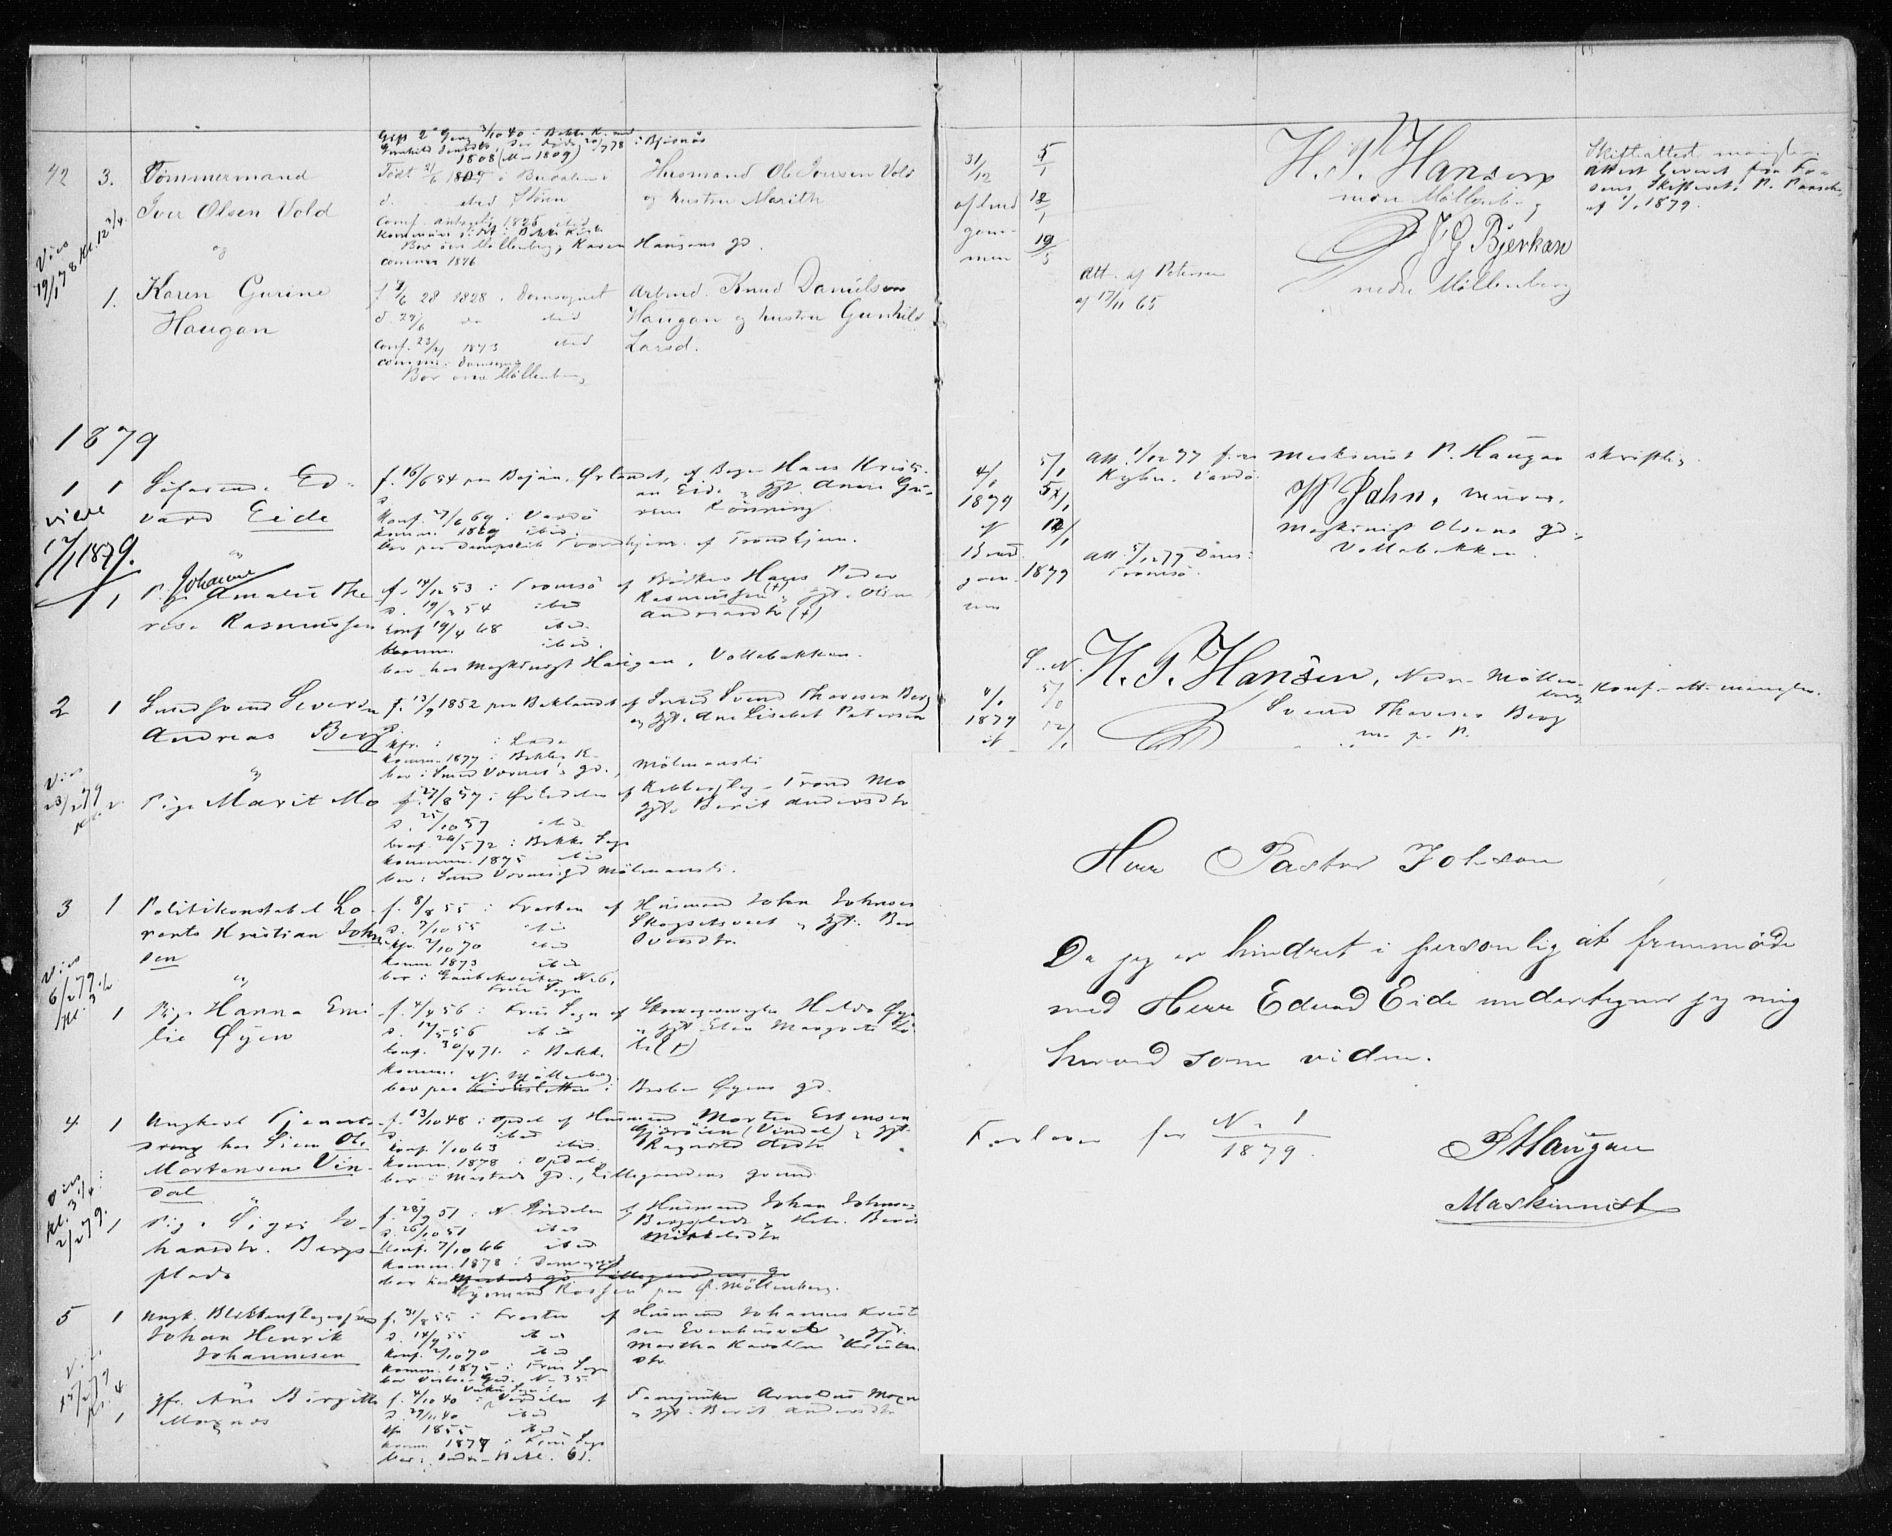 SAT, Ministerialprotokoller, klokkerbøker og fødselsregistre - Sør-Trøndelag, 604/L0188: Ministerialbok nr. 604A11, 1878-1892